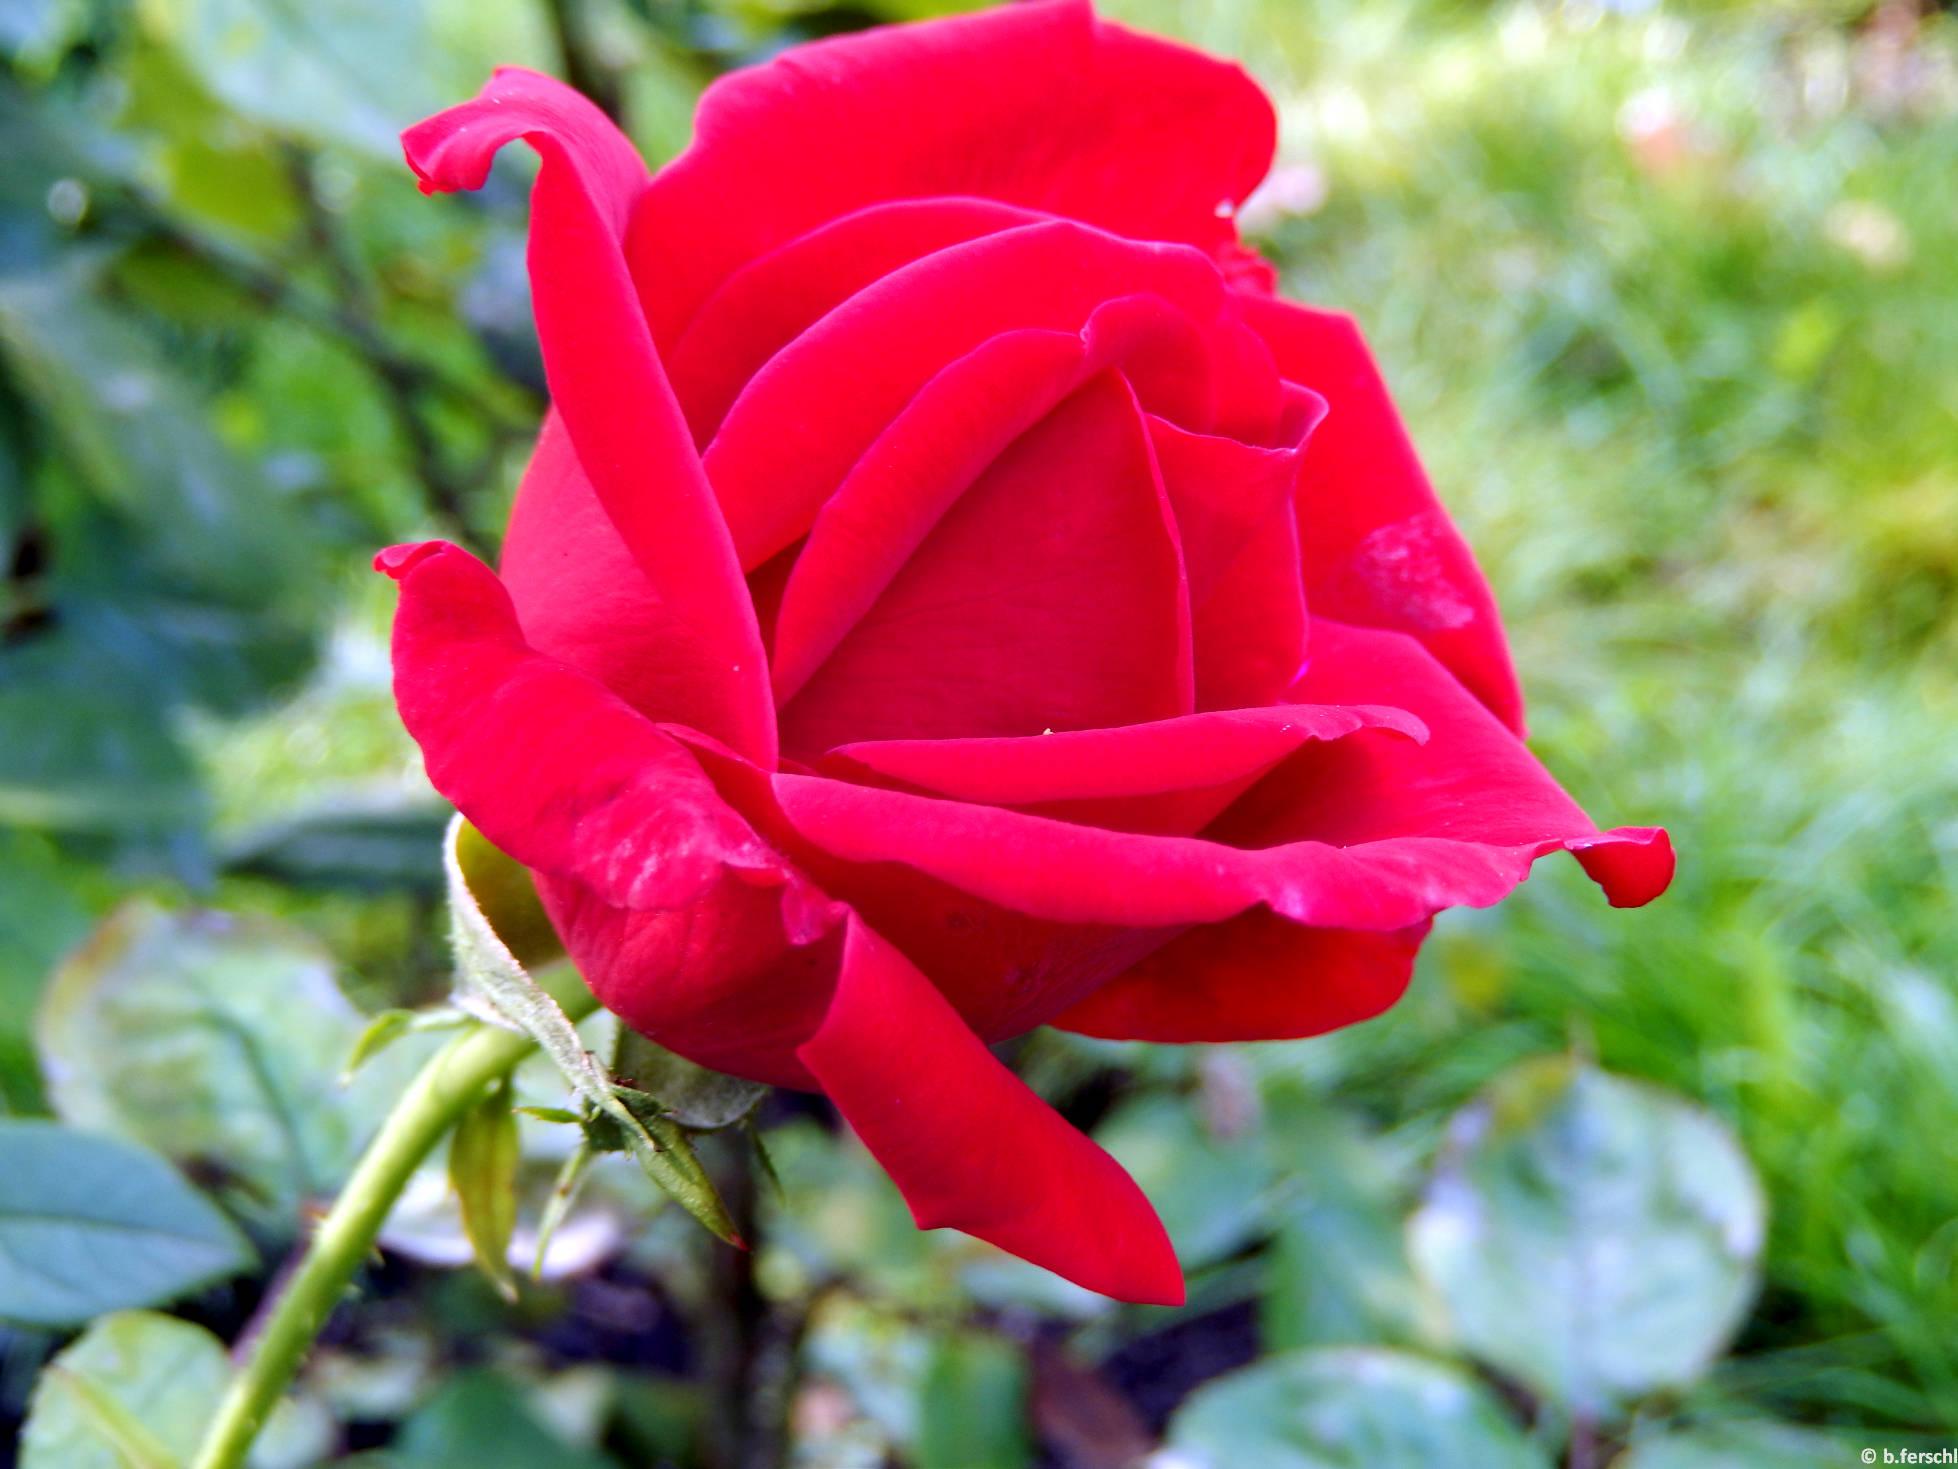 Nagy Imre emléke teahibrid rózsa